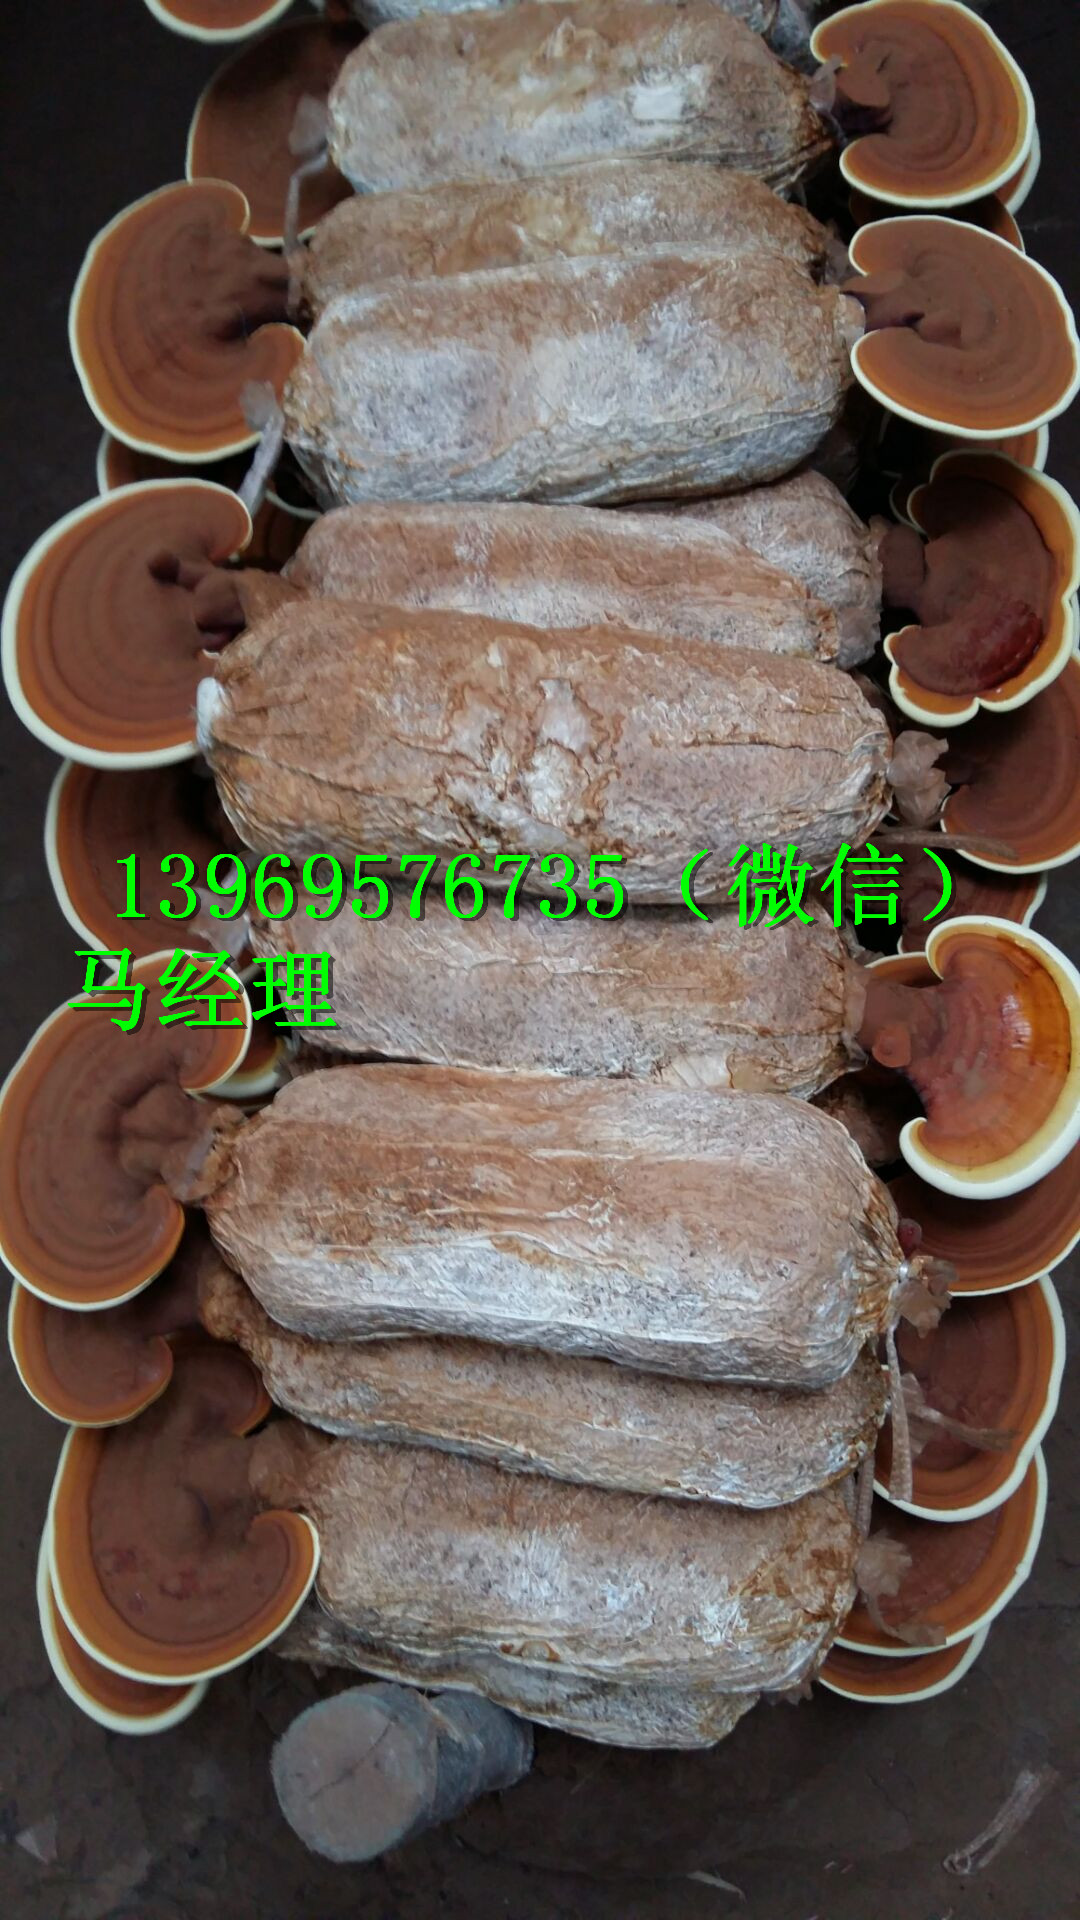 梅州灵芝破壁孢子粉厂家地址